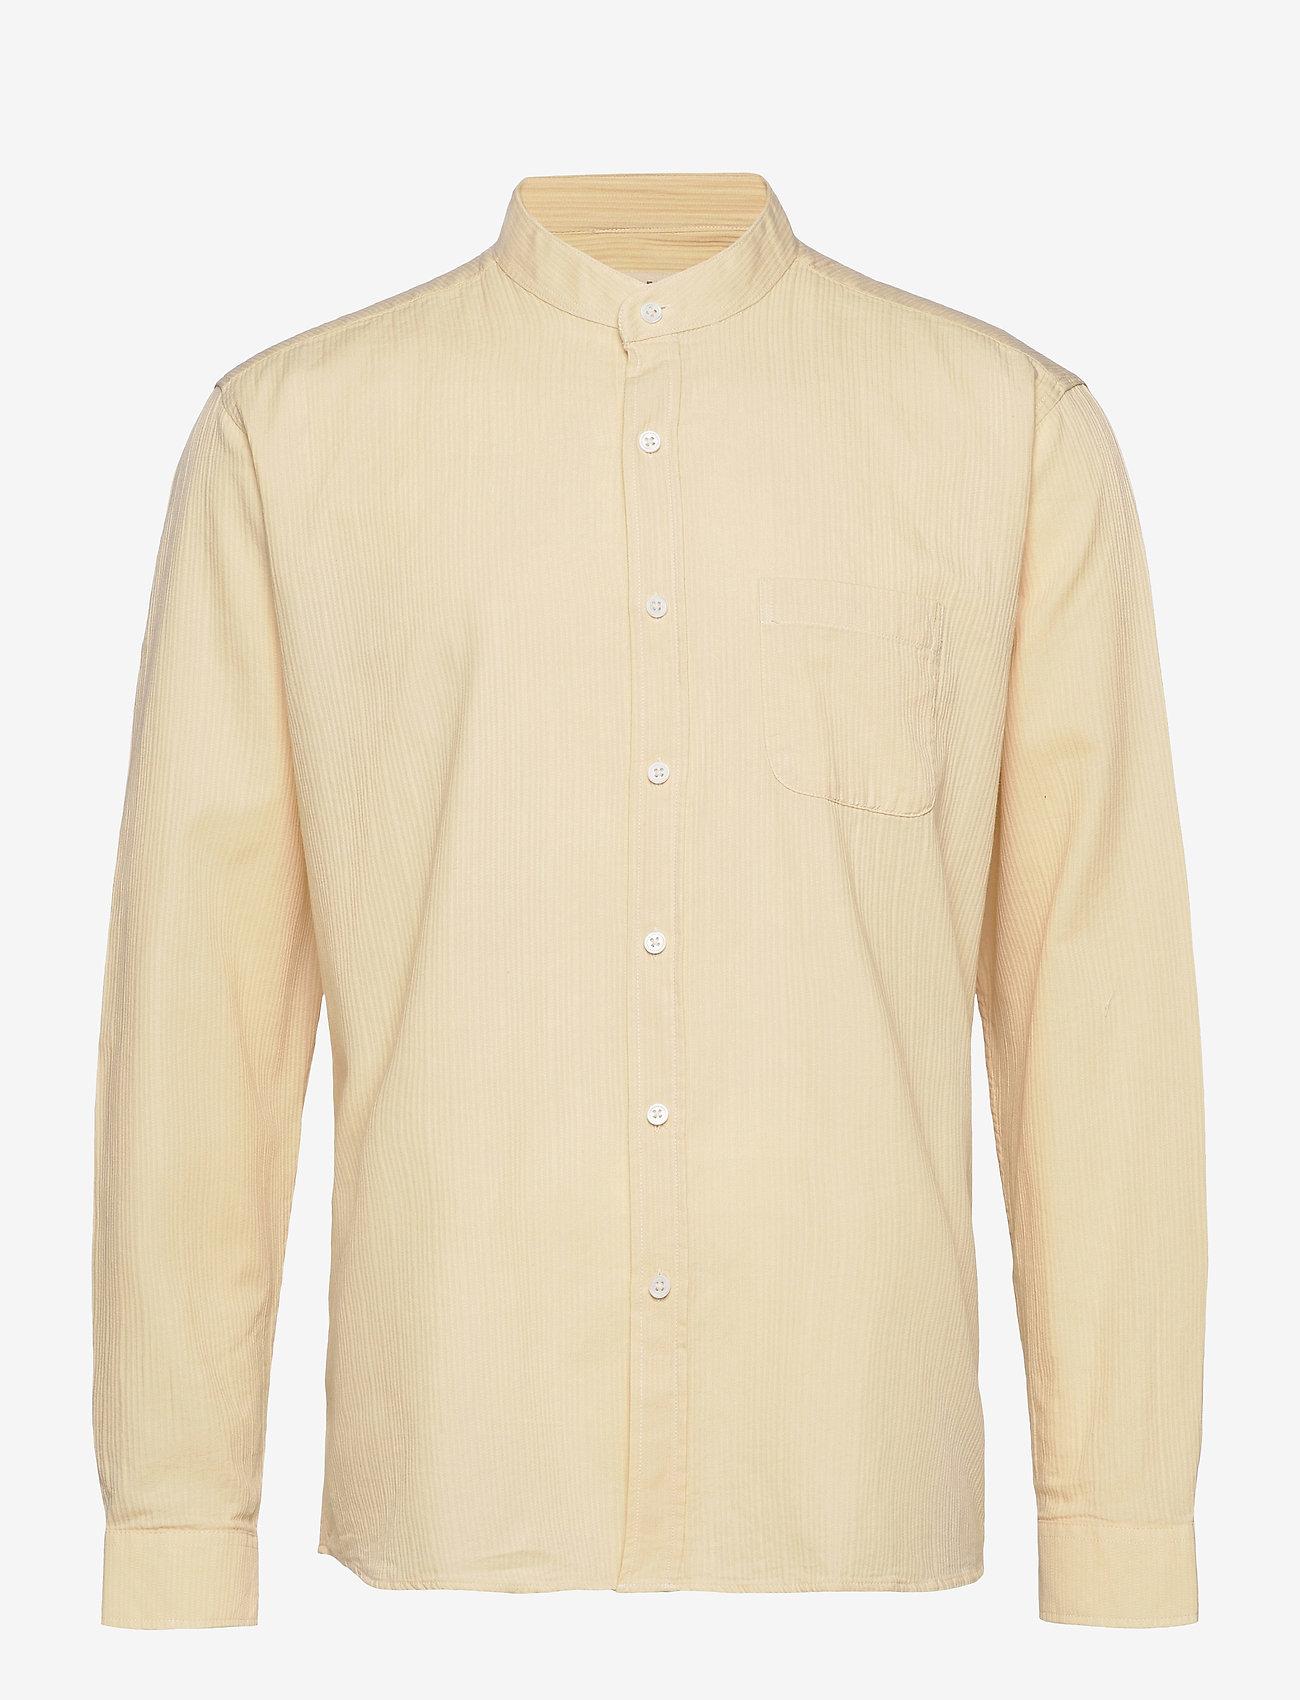 Far Afield - Twombly L/S Shirt - Textured Stripe - chemises à carreaux - lw - 0